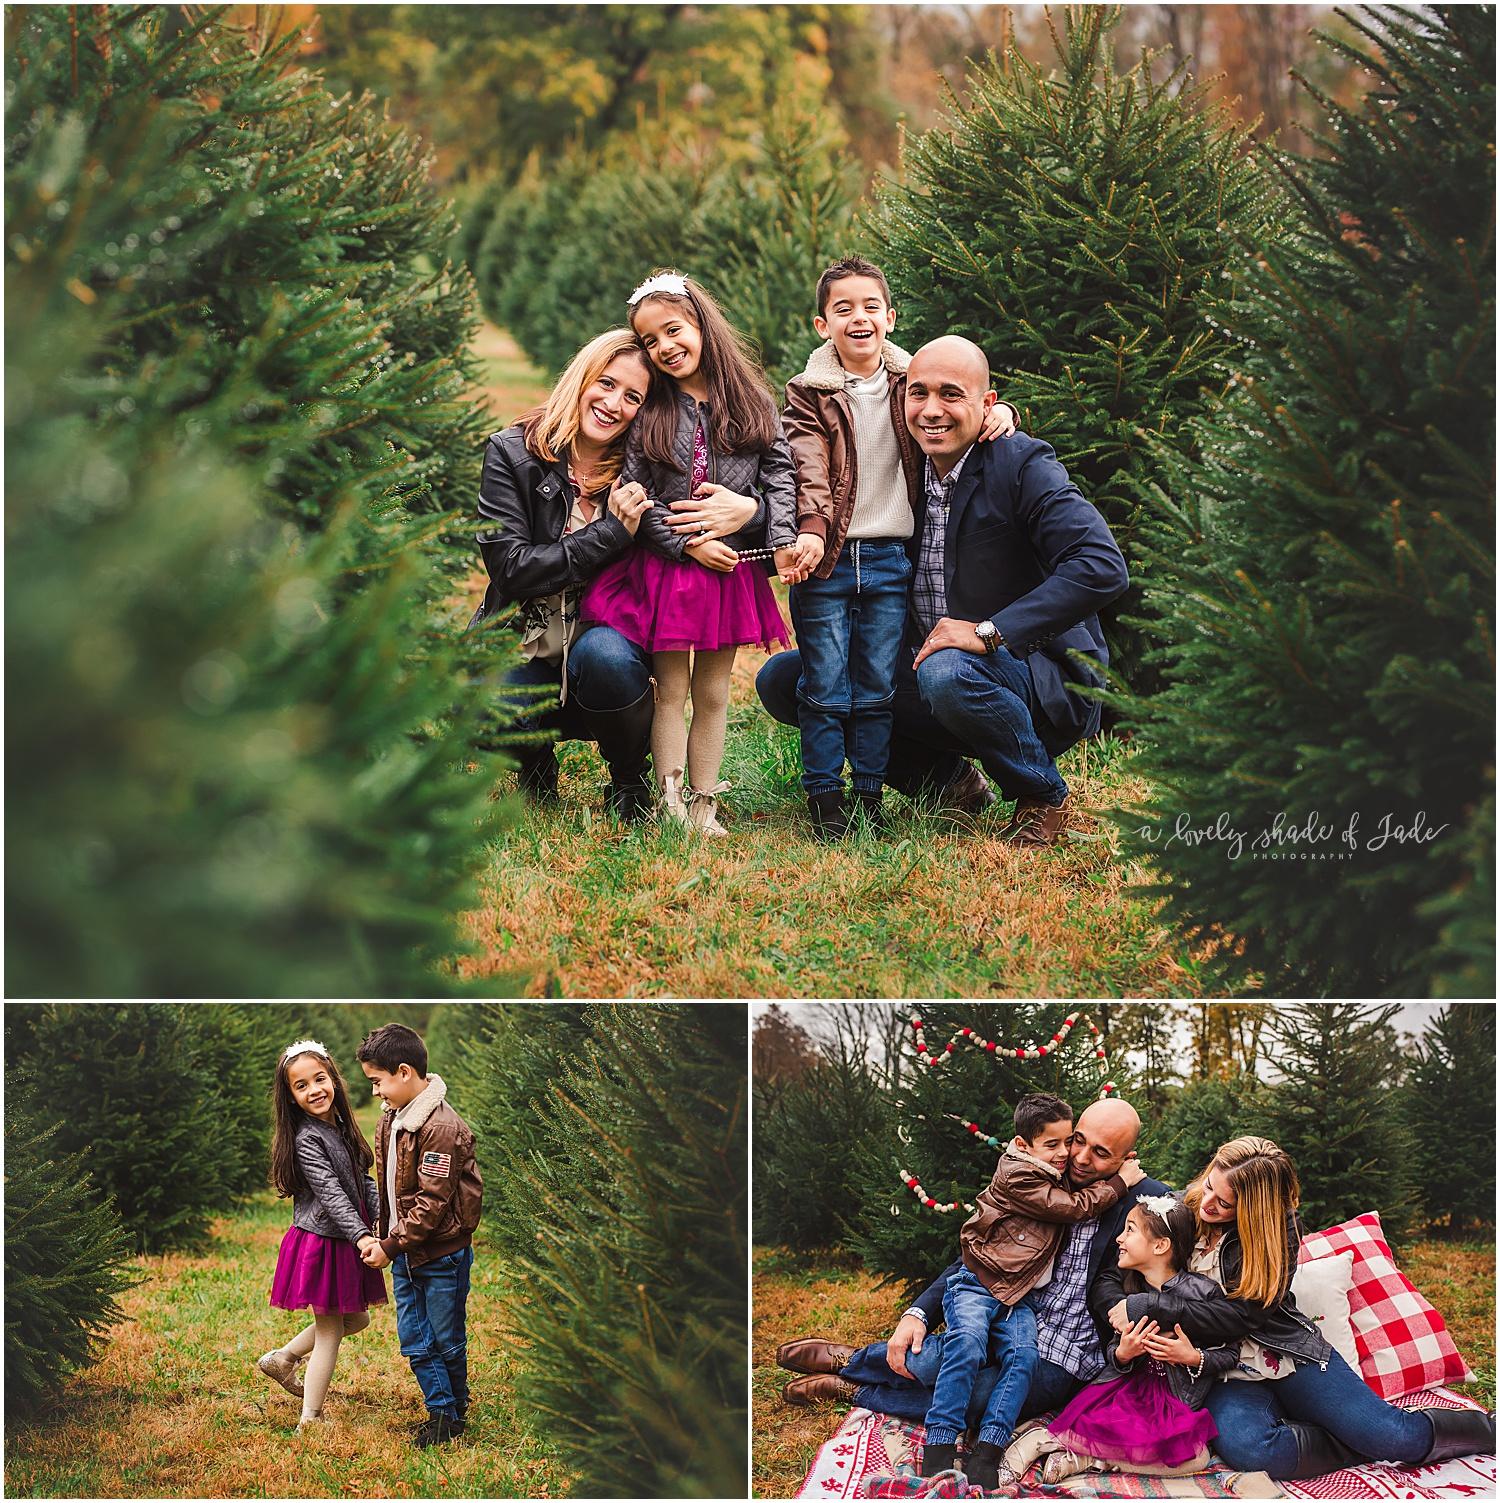 Brianne_Tree_Farm_Minis_Mendham_NJ_0002-1.jpg